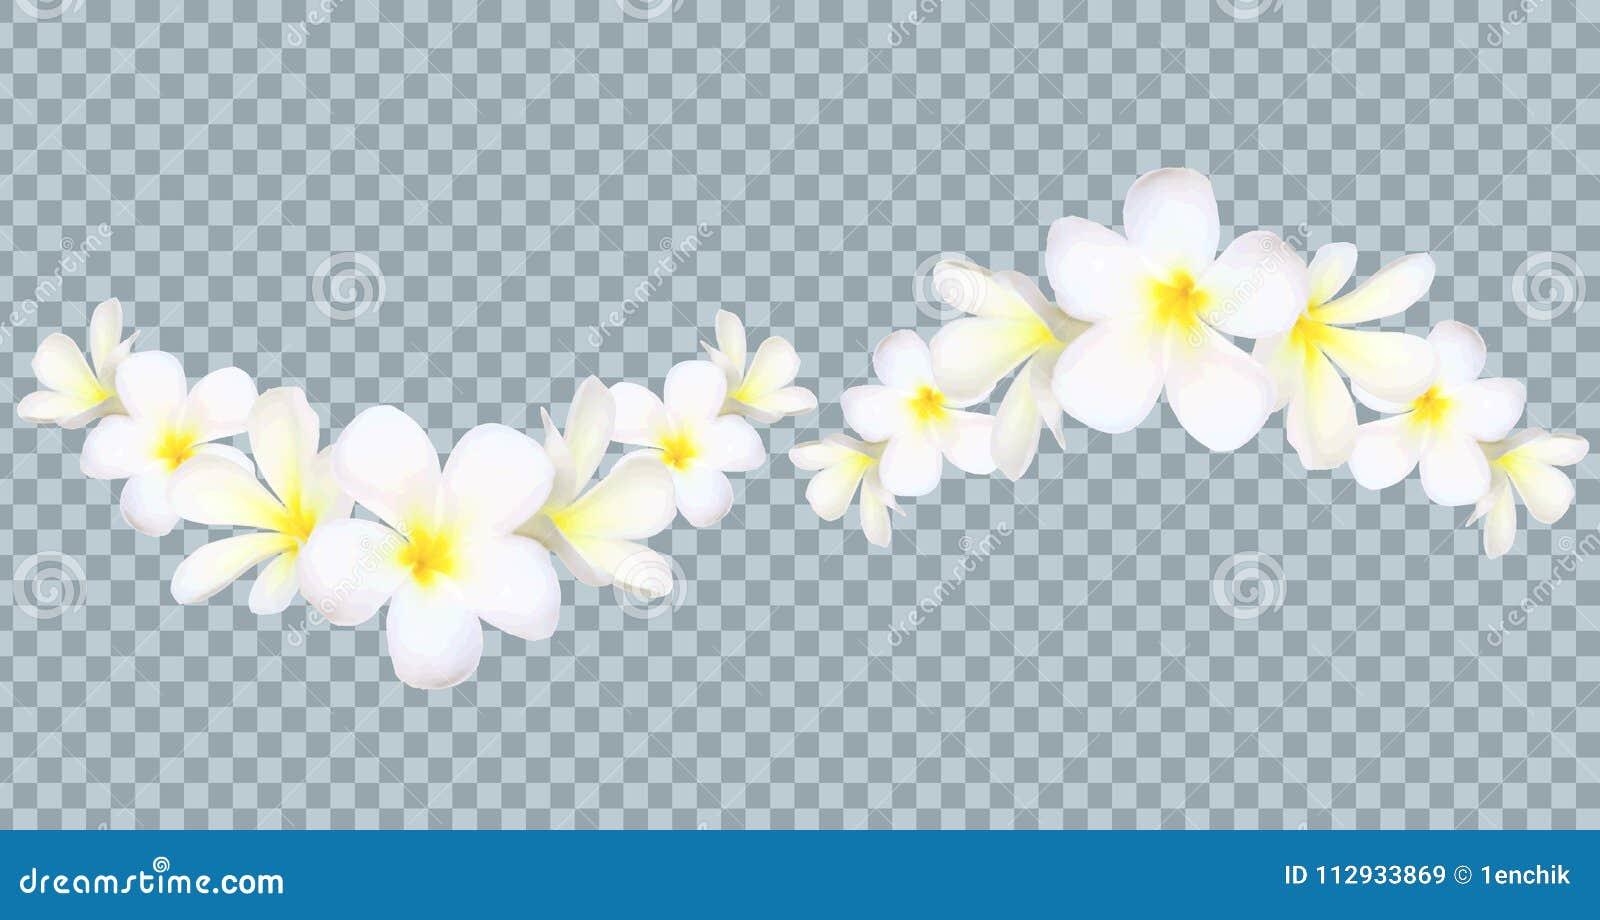 Vector граница цветков Бали на предпосылке решетки прозрачности